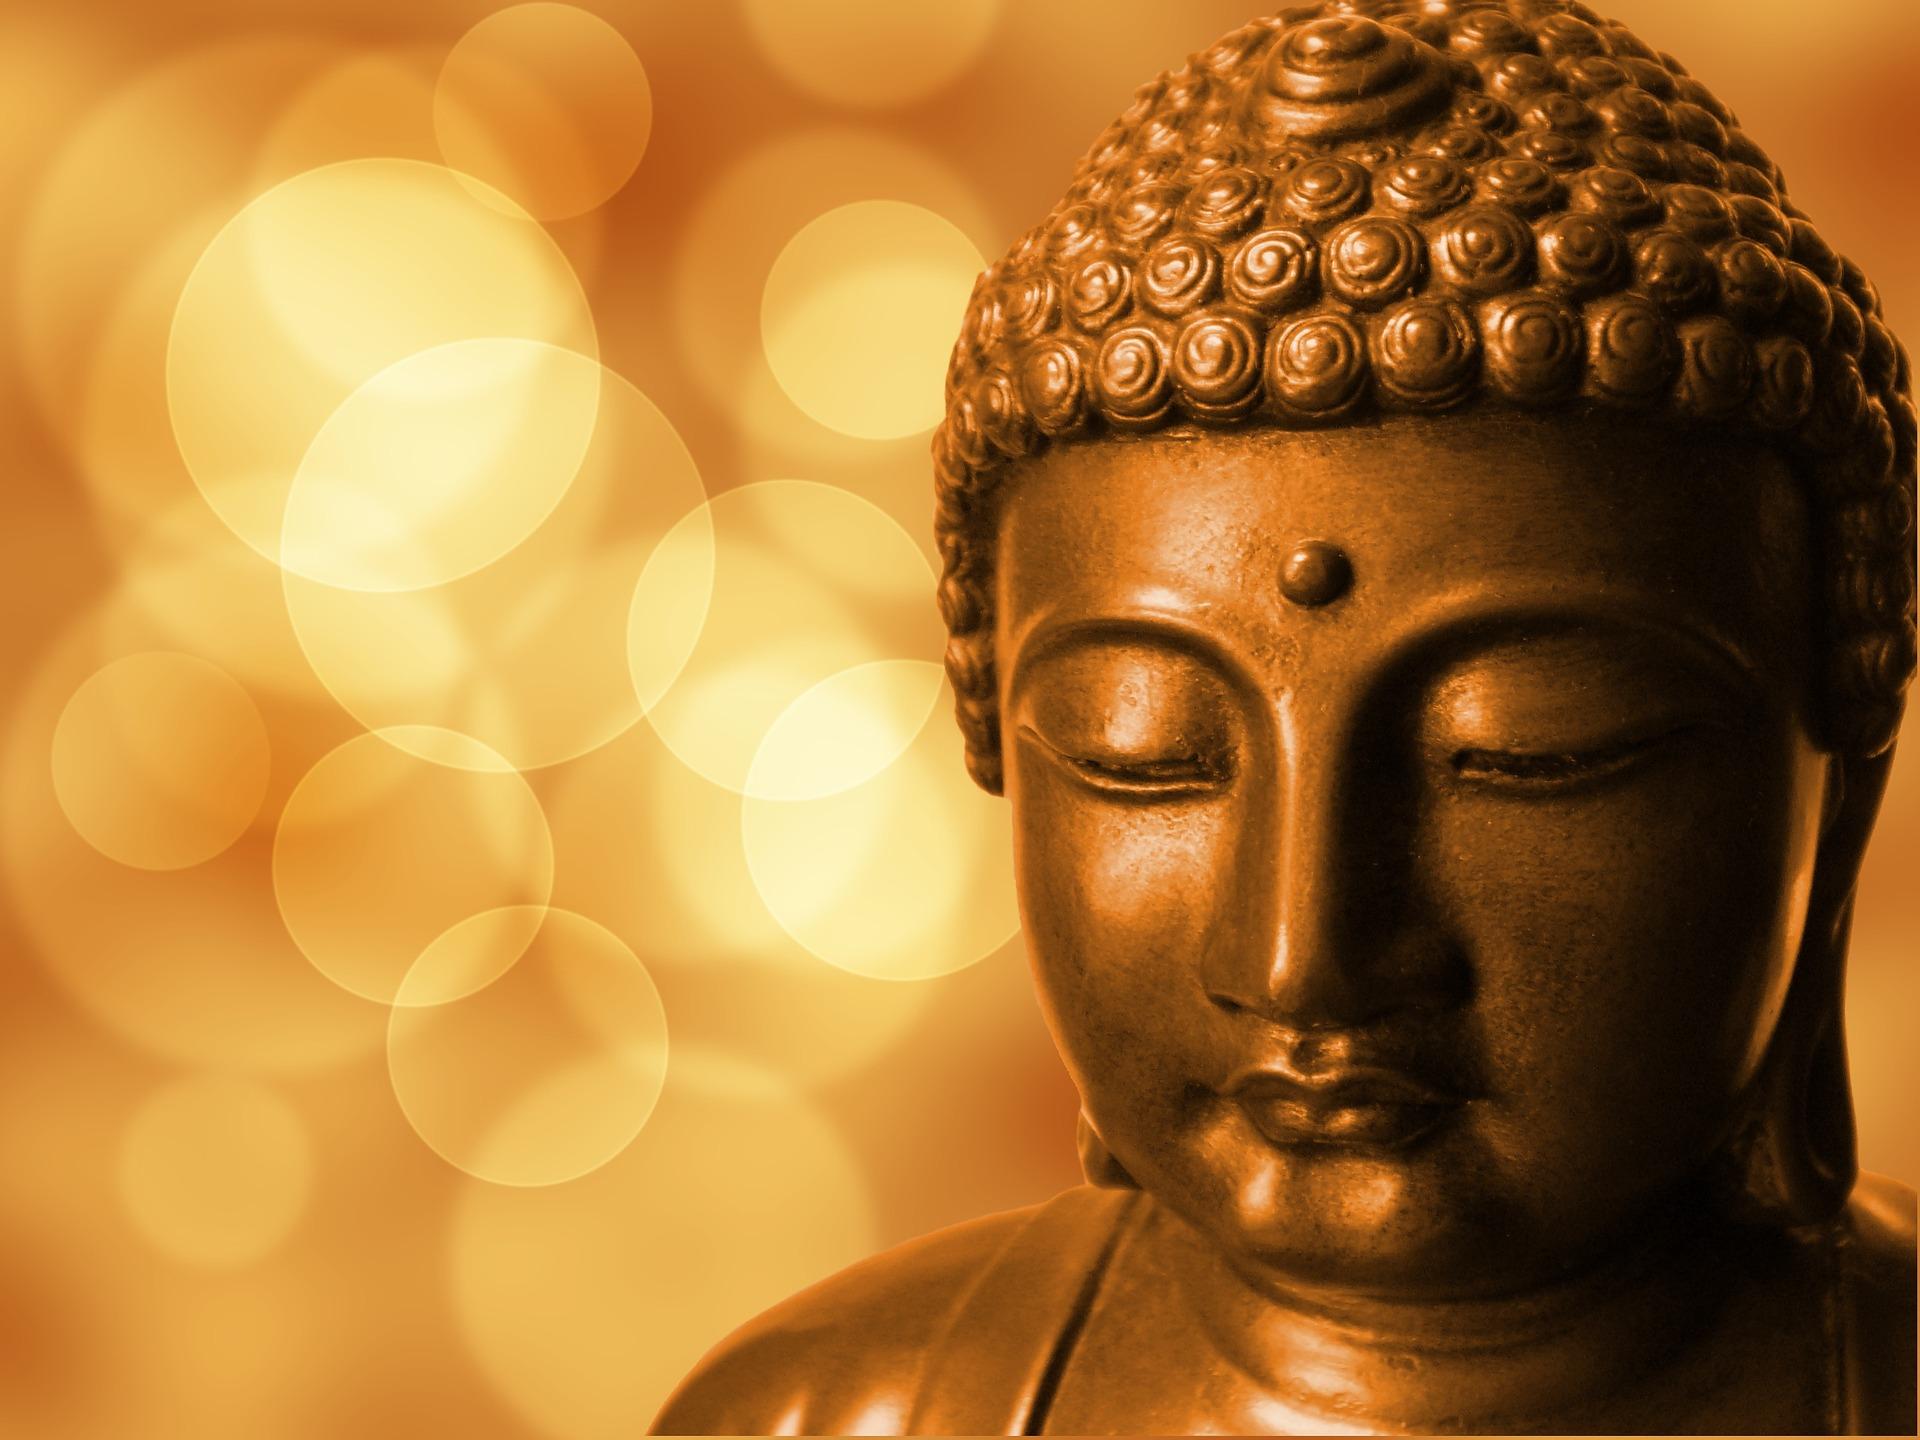 meditation-1018837_1920.jpg